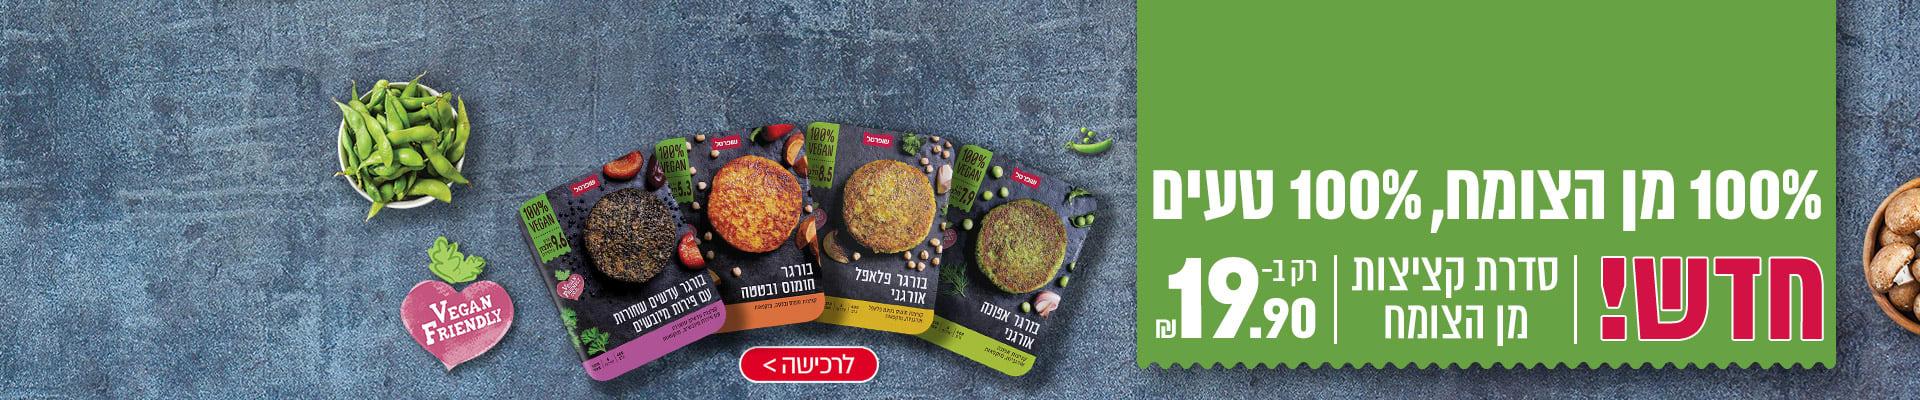 100% מן הצומח , 100% טעים. חדש! סדרת קציצות מן הצומח רק ב- 19.90 ₪.